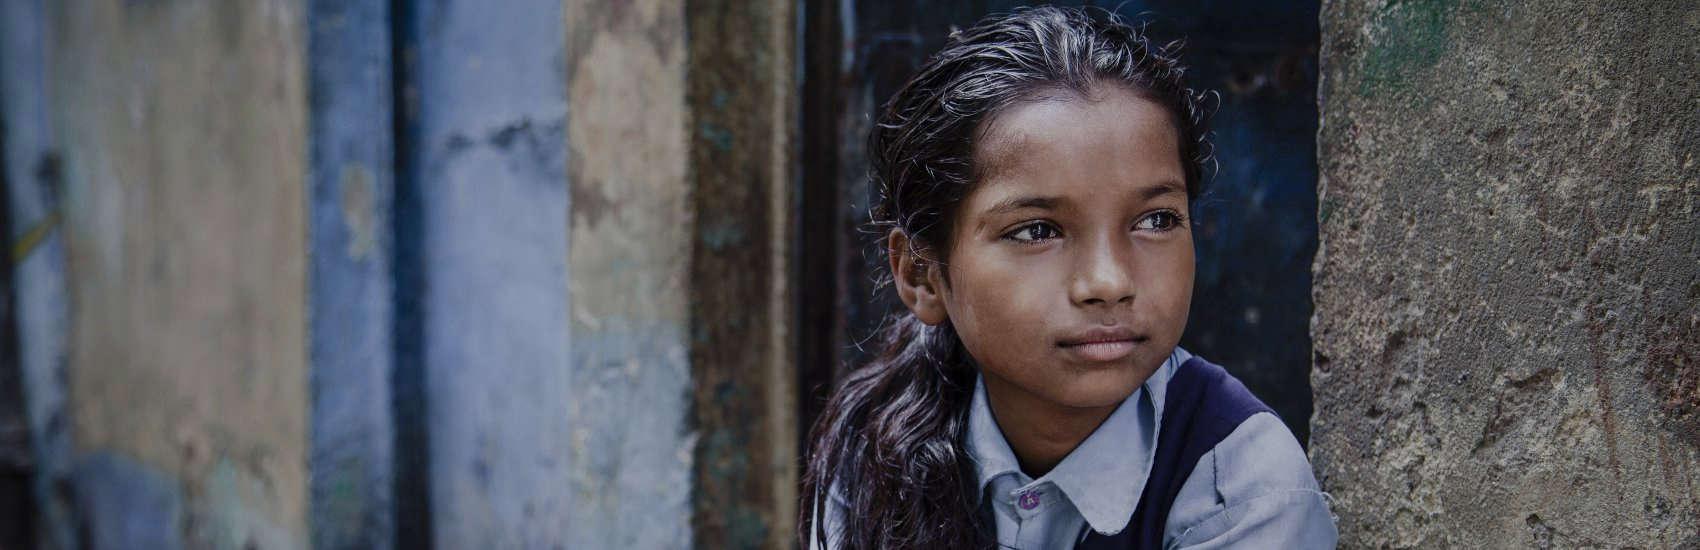 Help Children in India | Save the Children